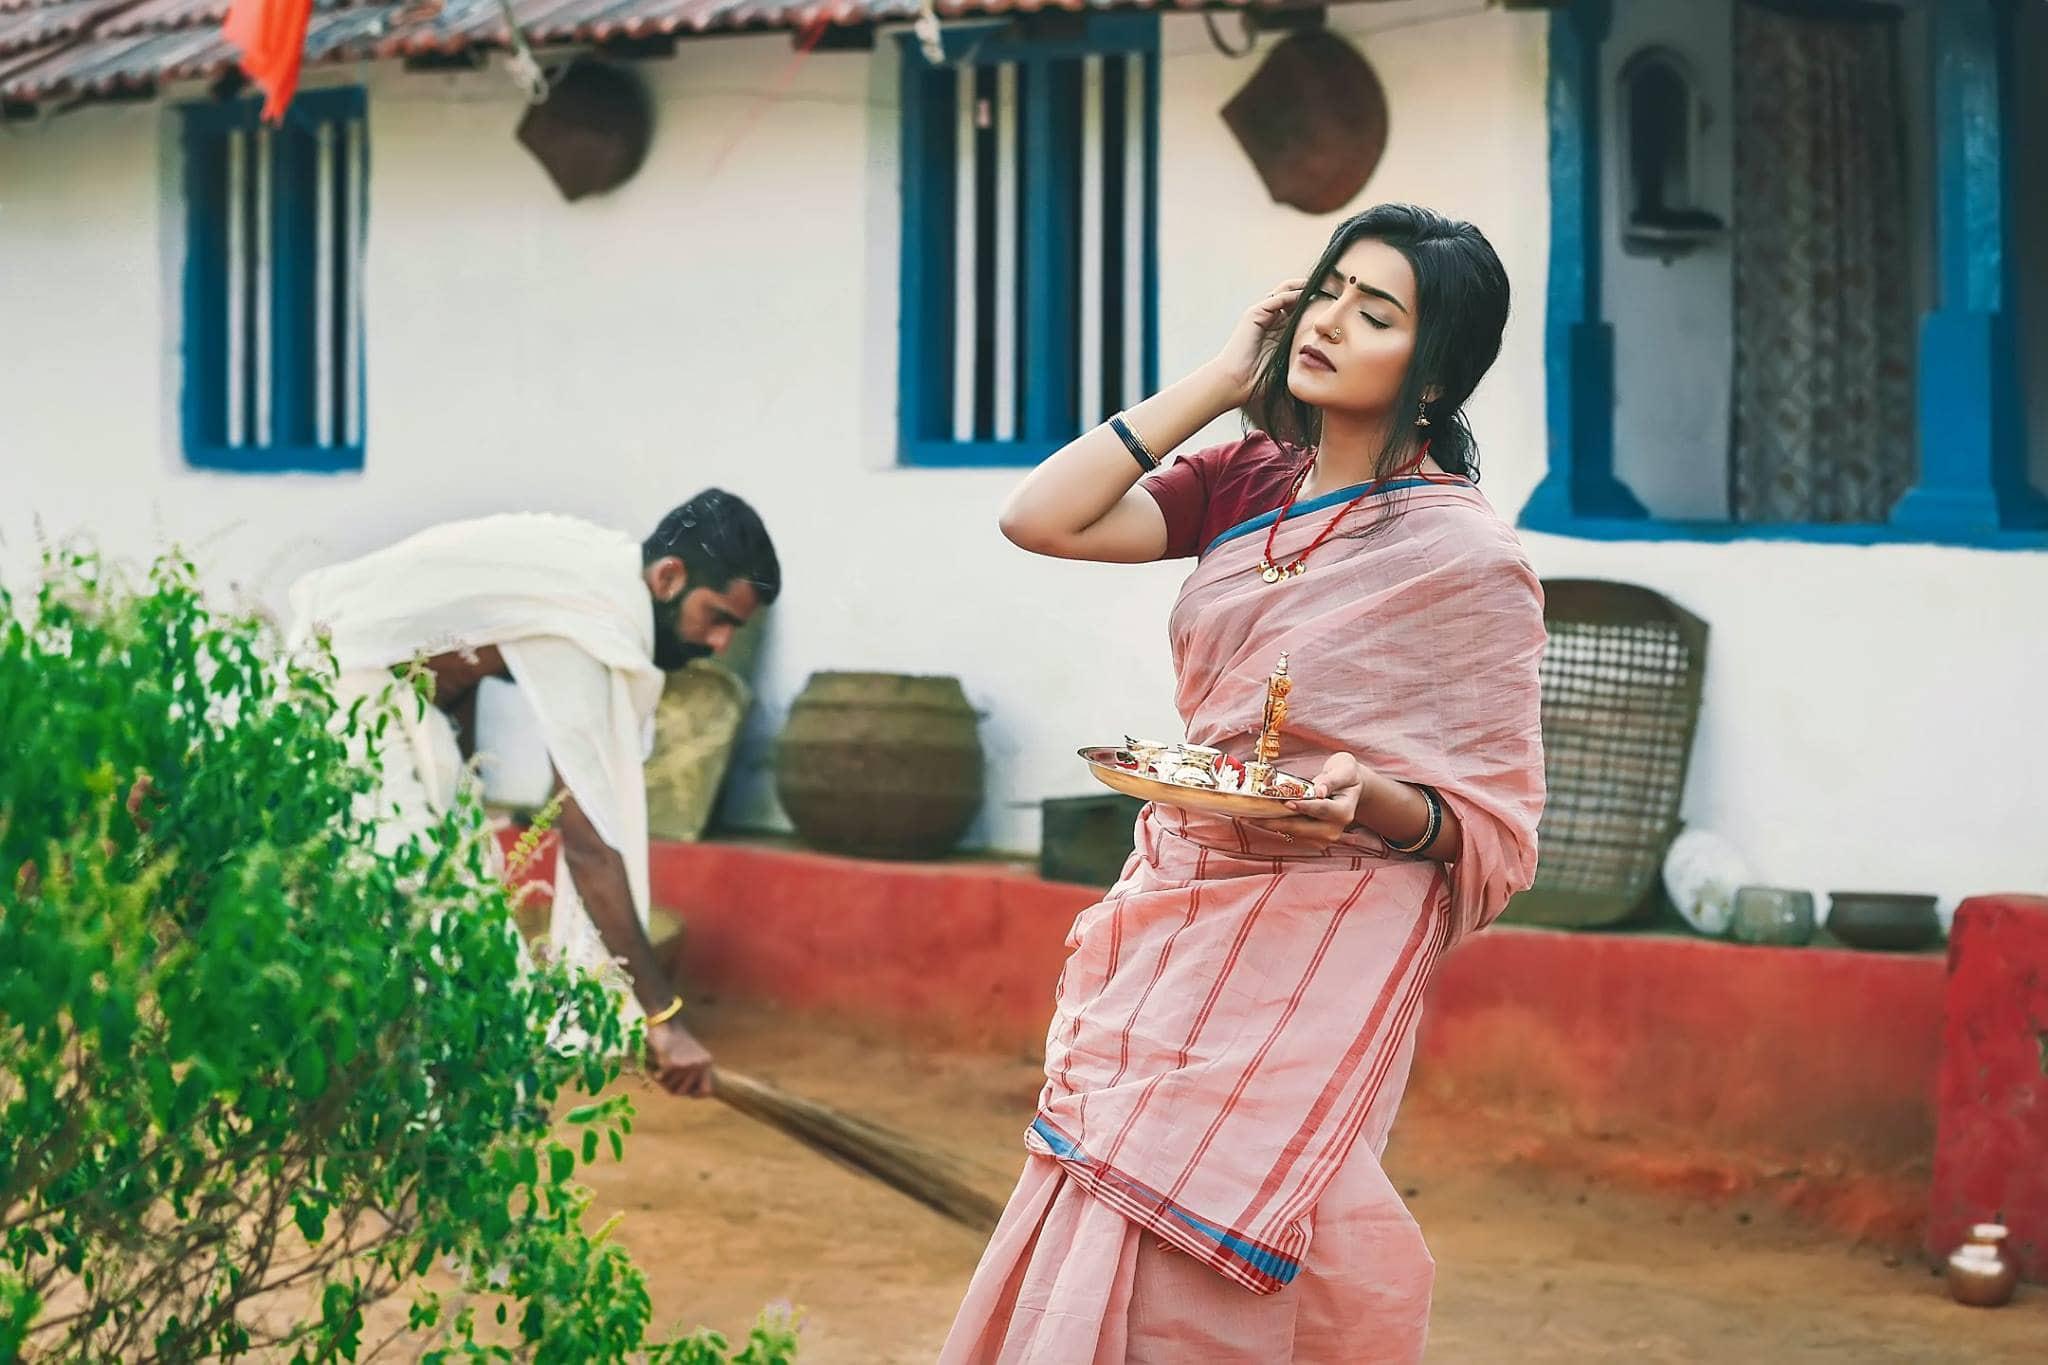 An-Award-winning-photo-story-Avani-By-Arjun-Kamath-21